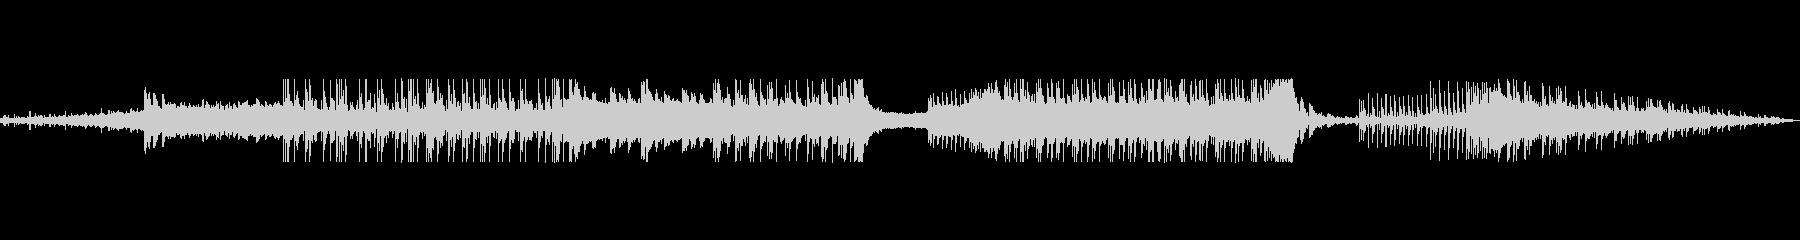 結婚式のイメージなエレクロトニカ/ハウ…の未再生の波形